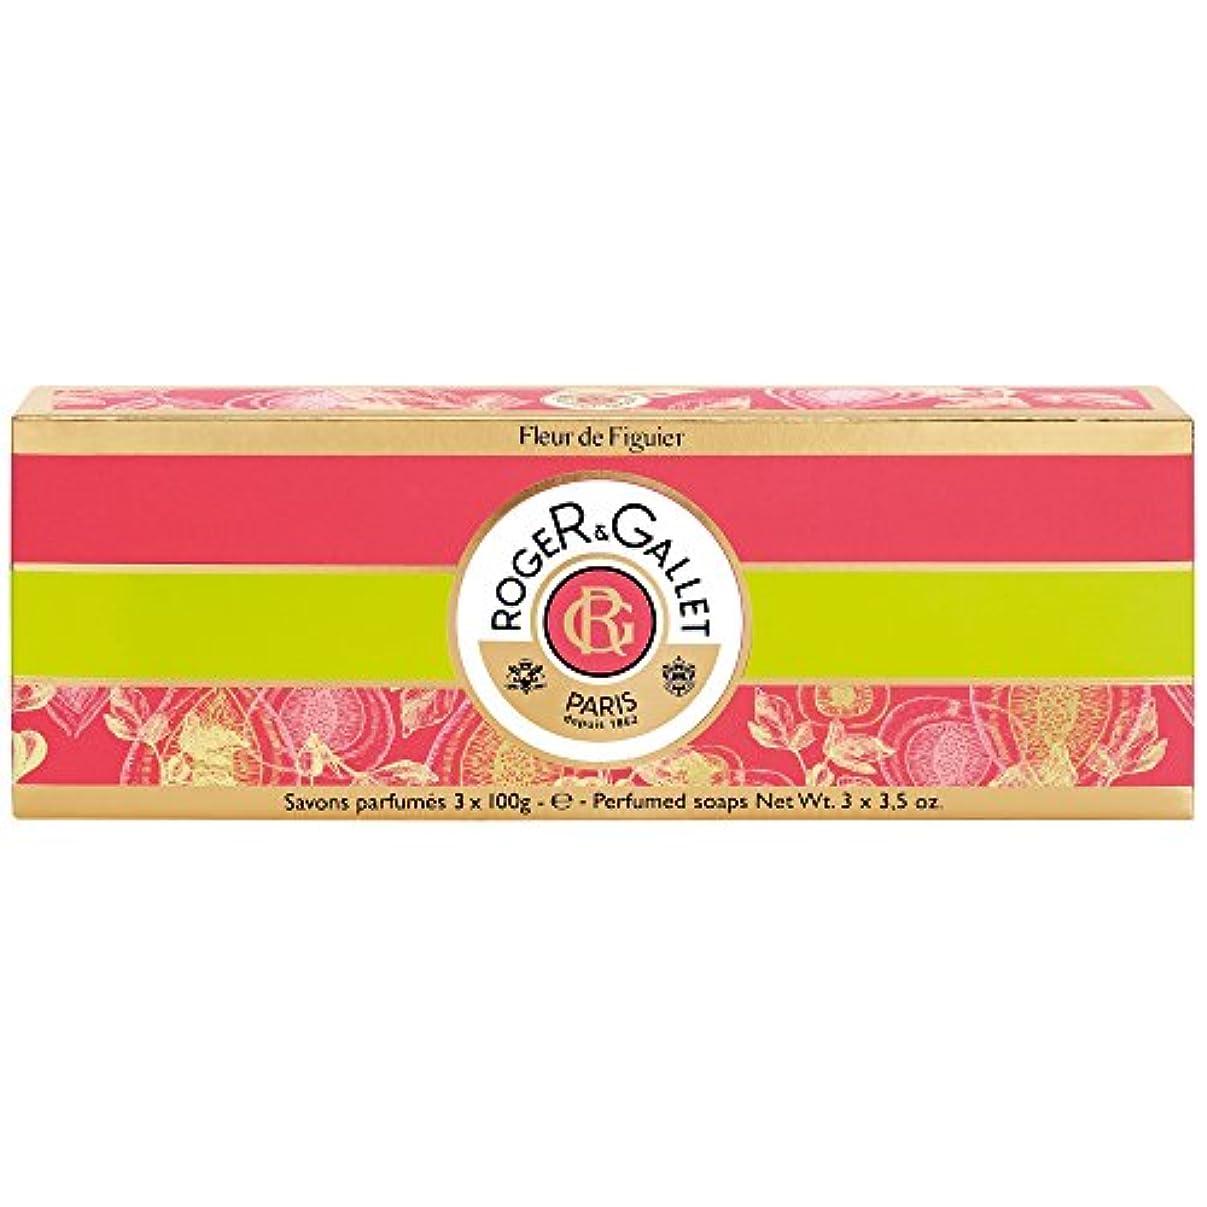 ロゴ社員ジョイントロジャー&Galletのフルール?ド?フィギエソープコフレ3×100グラム (Roger & Gallet) - Roger & Gallet Fleur de Figuier Soap Coffret 3 x 100g...